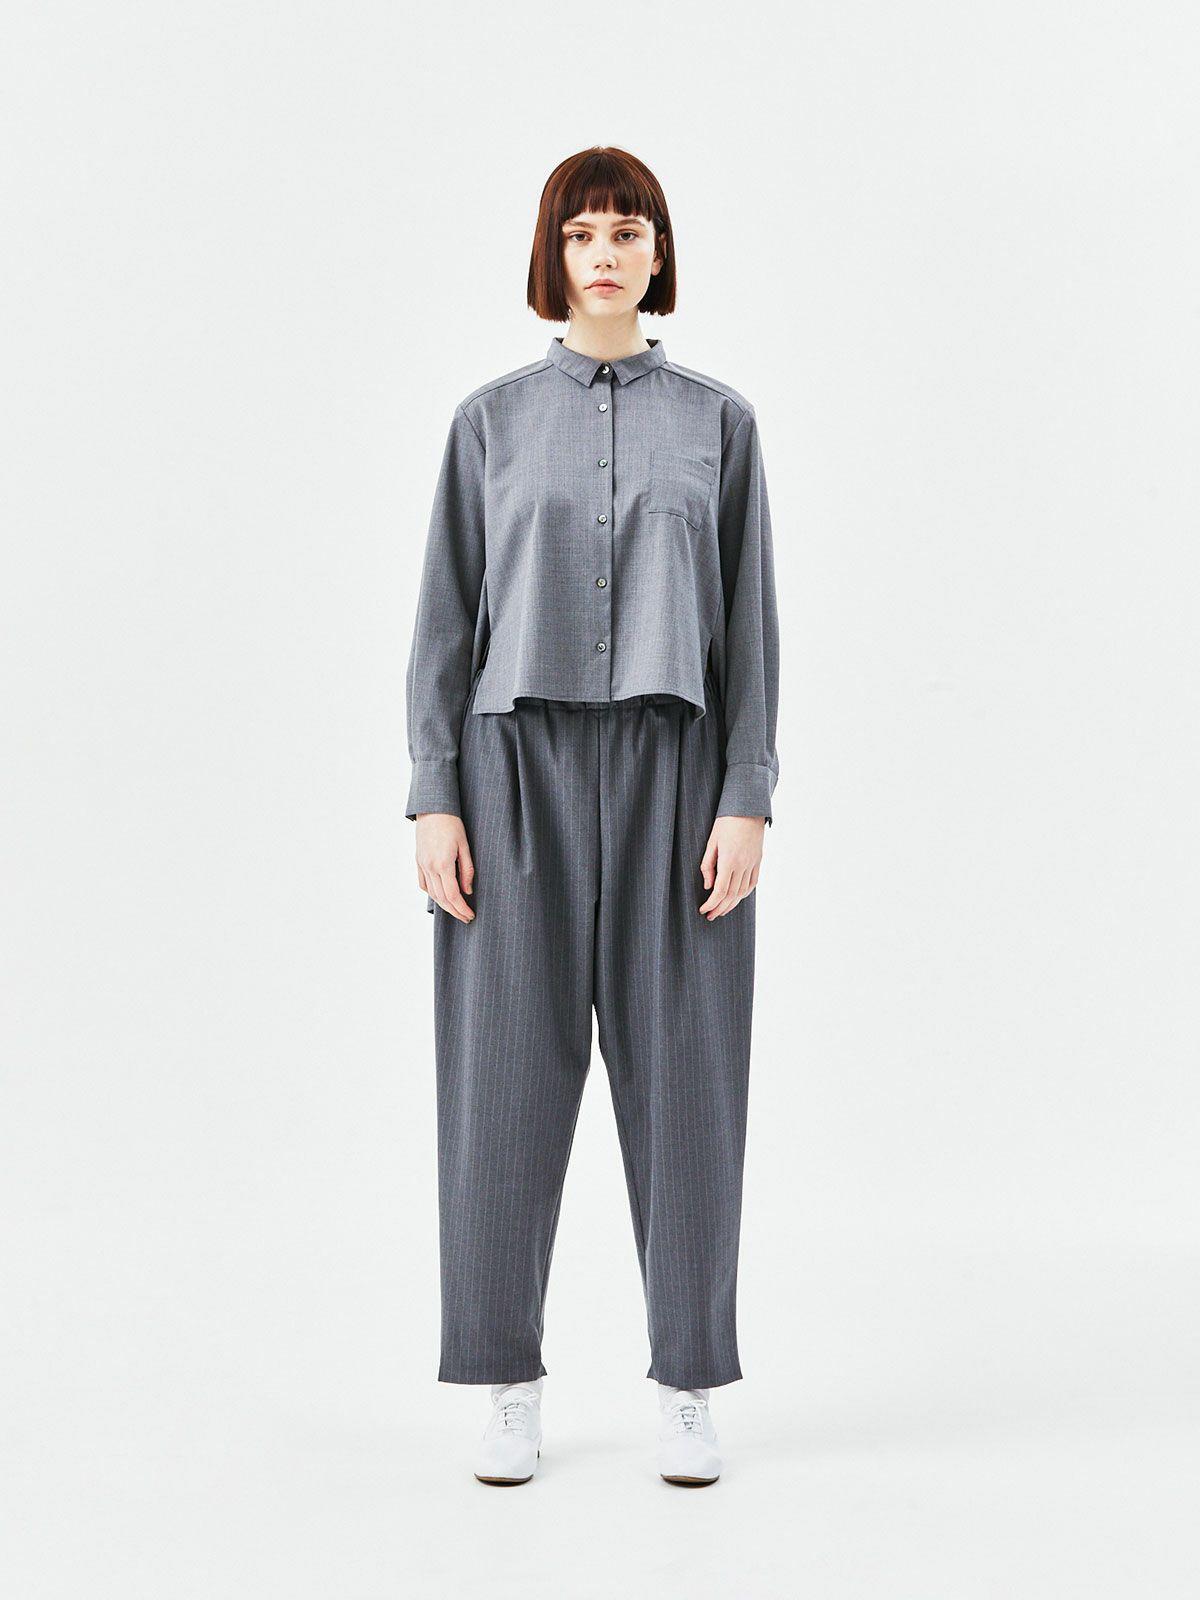 T/Wバックロング丈シャツ   /  gray